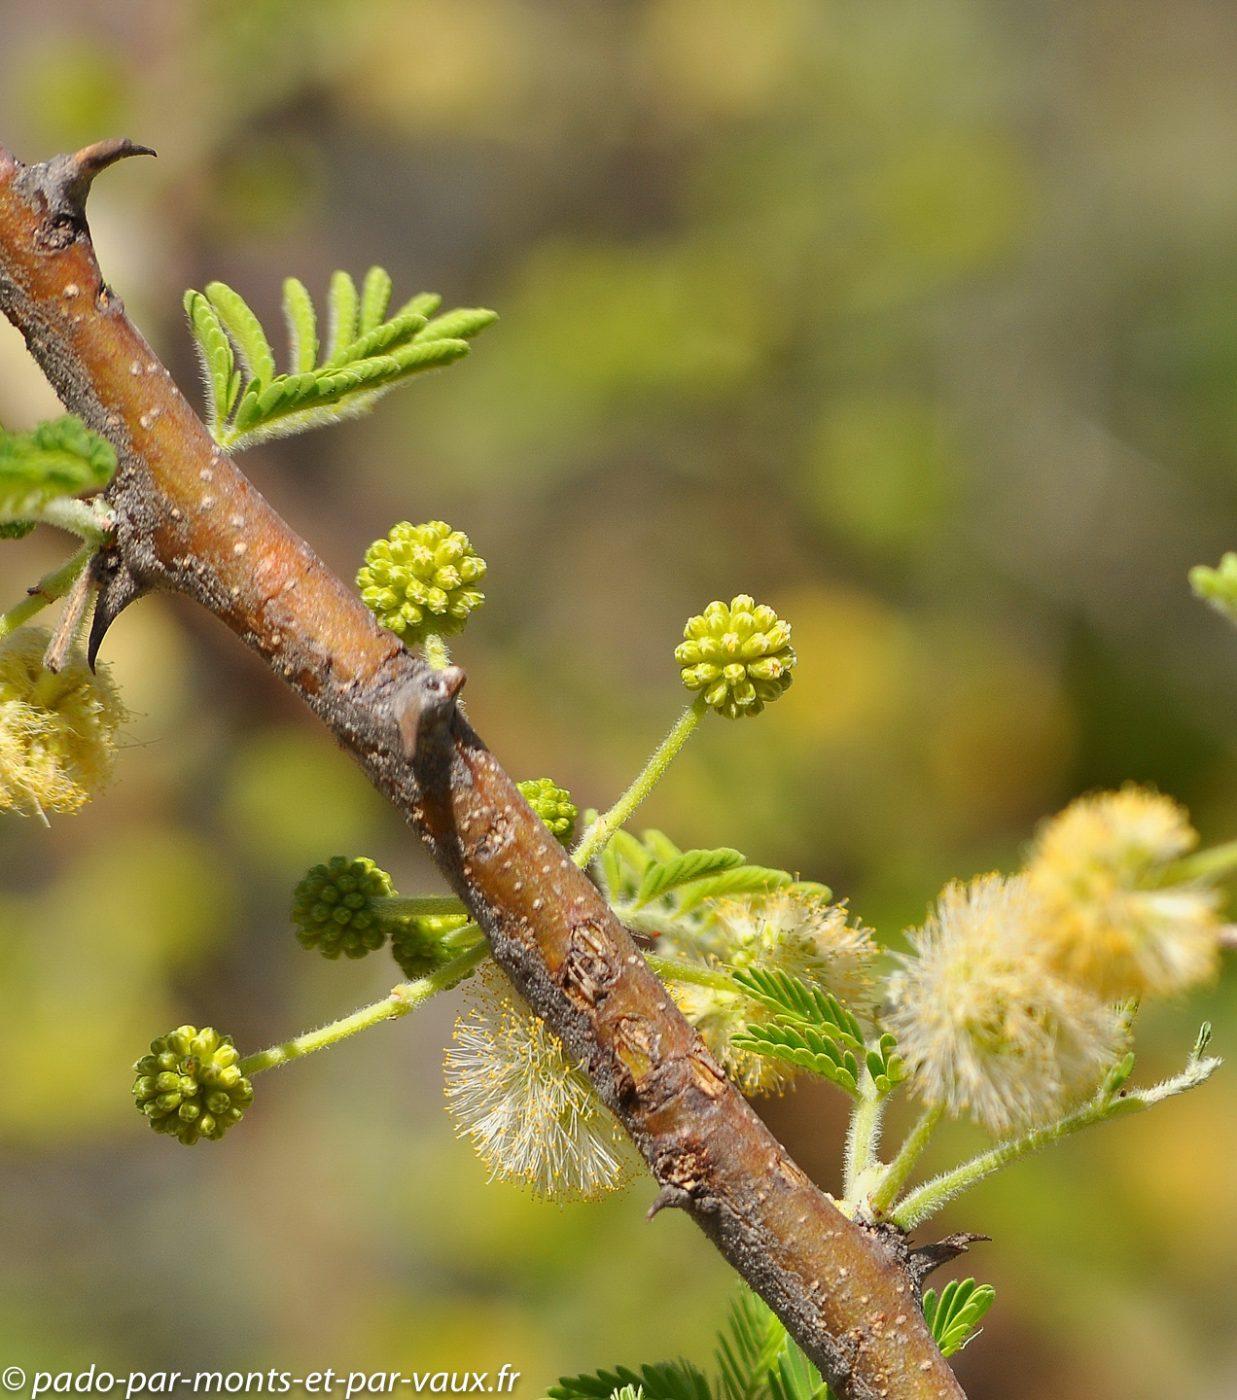 Gunn's camp - flore - acacia